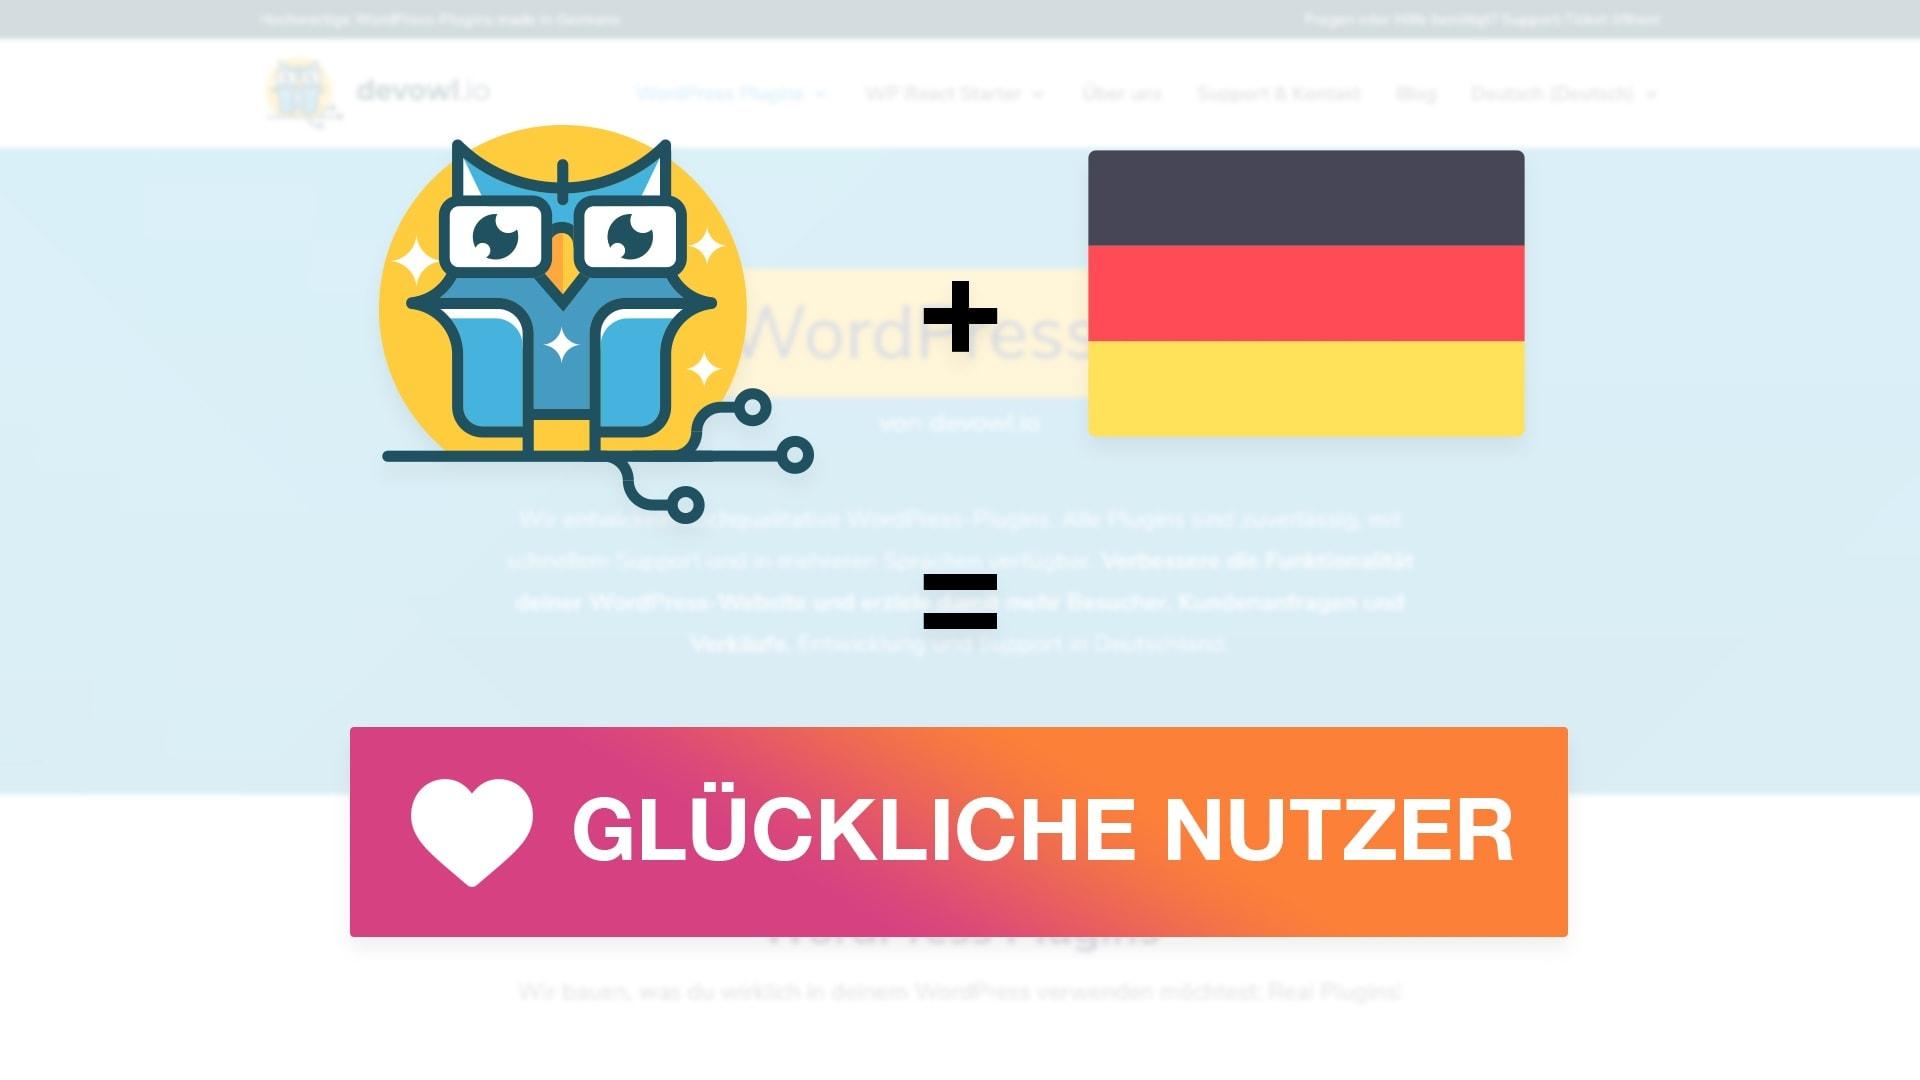 devowl.io ist jetzt auf Deutsch verfügbar